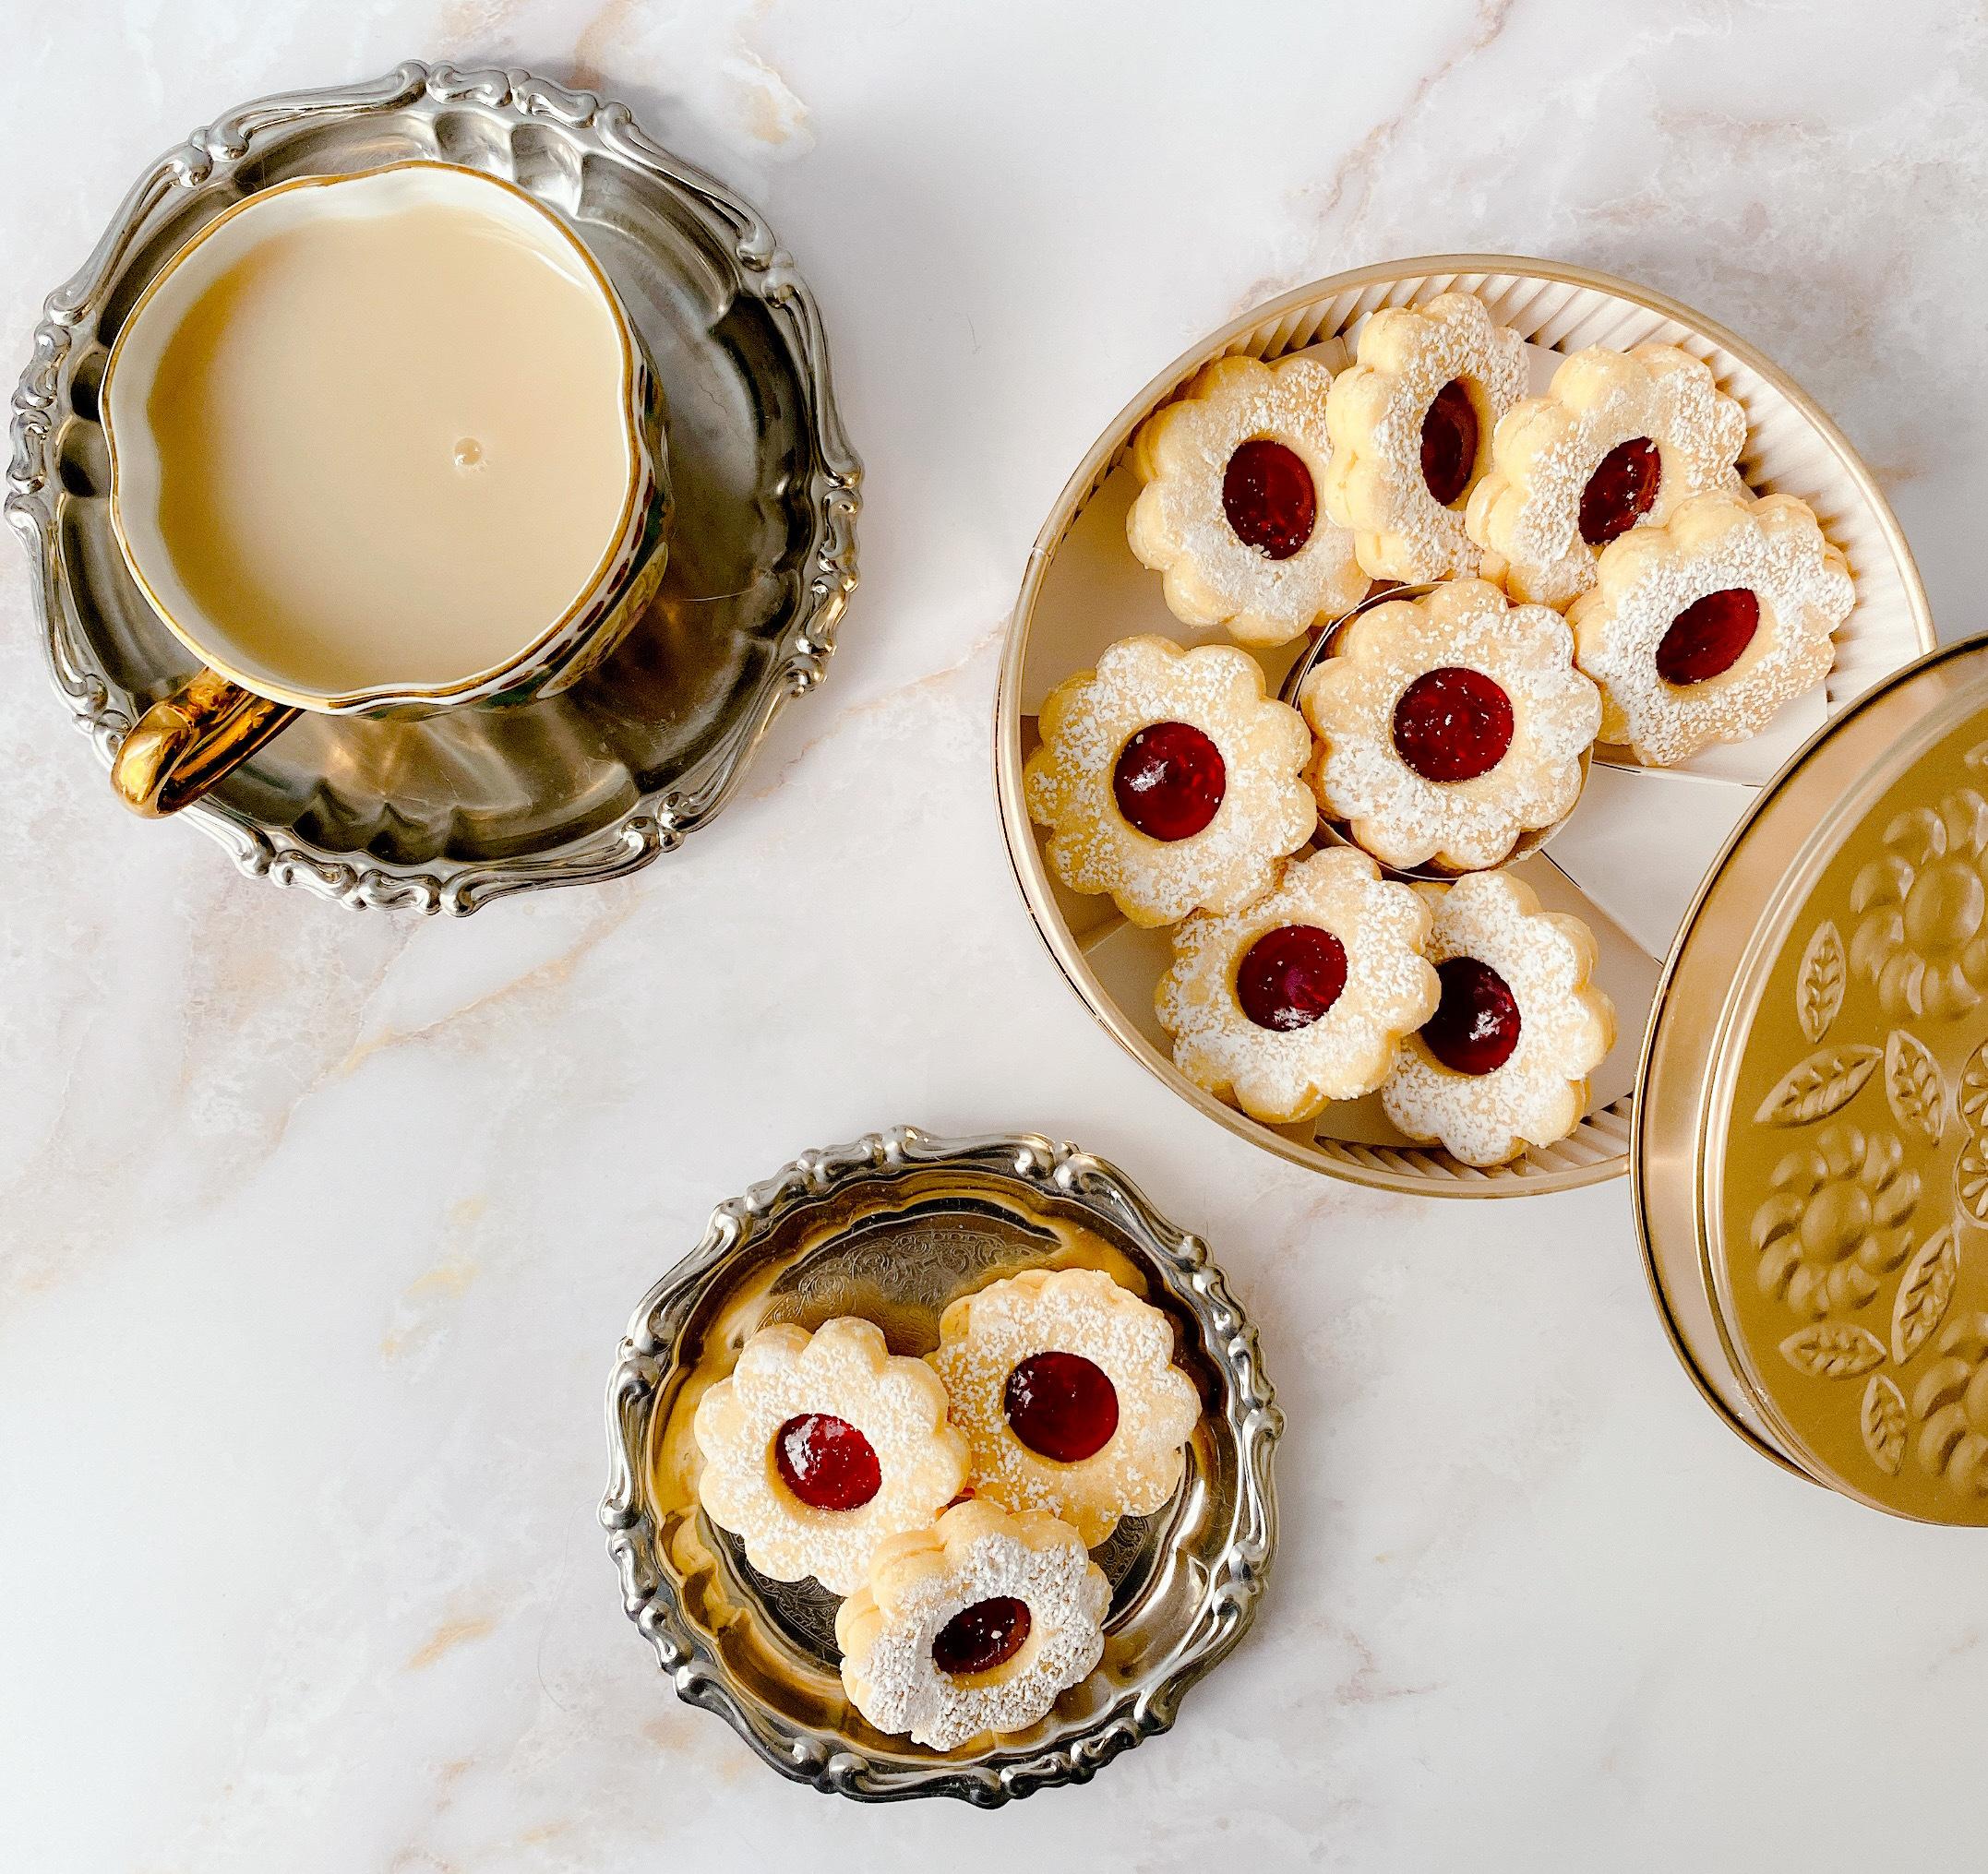 本店でしか手に入らない! マールブランシュのお花型クッキー「手作りジャムのデザートクッキー」でおうちカフェを楽しんで